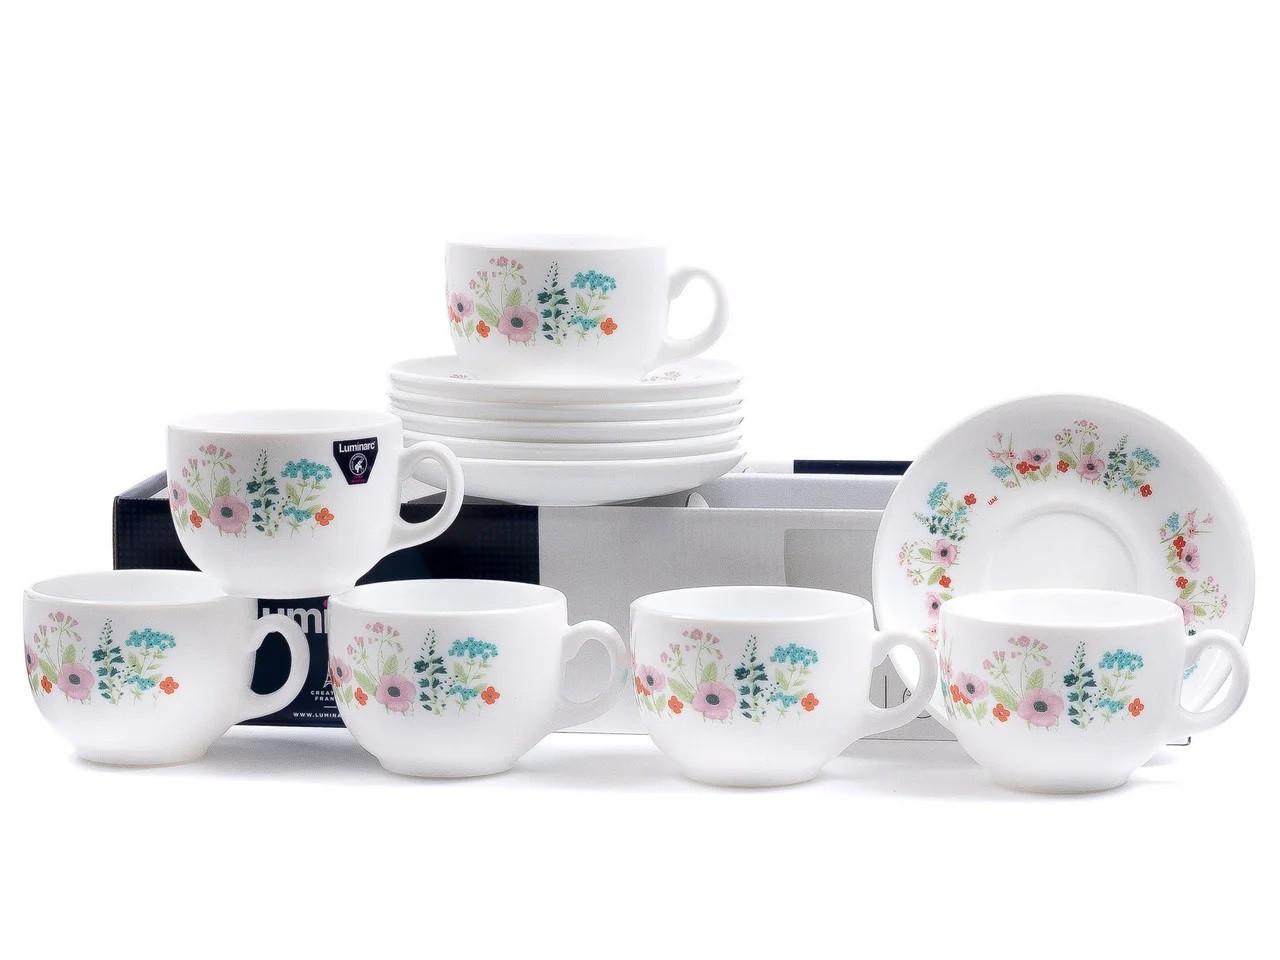 Чайный сервиз Luminarc Rose pompon на 6 персон